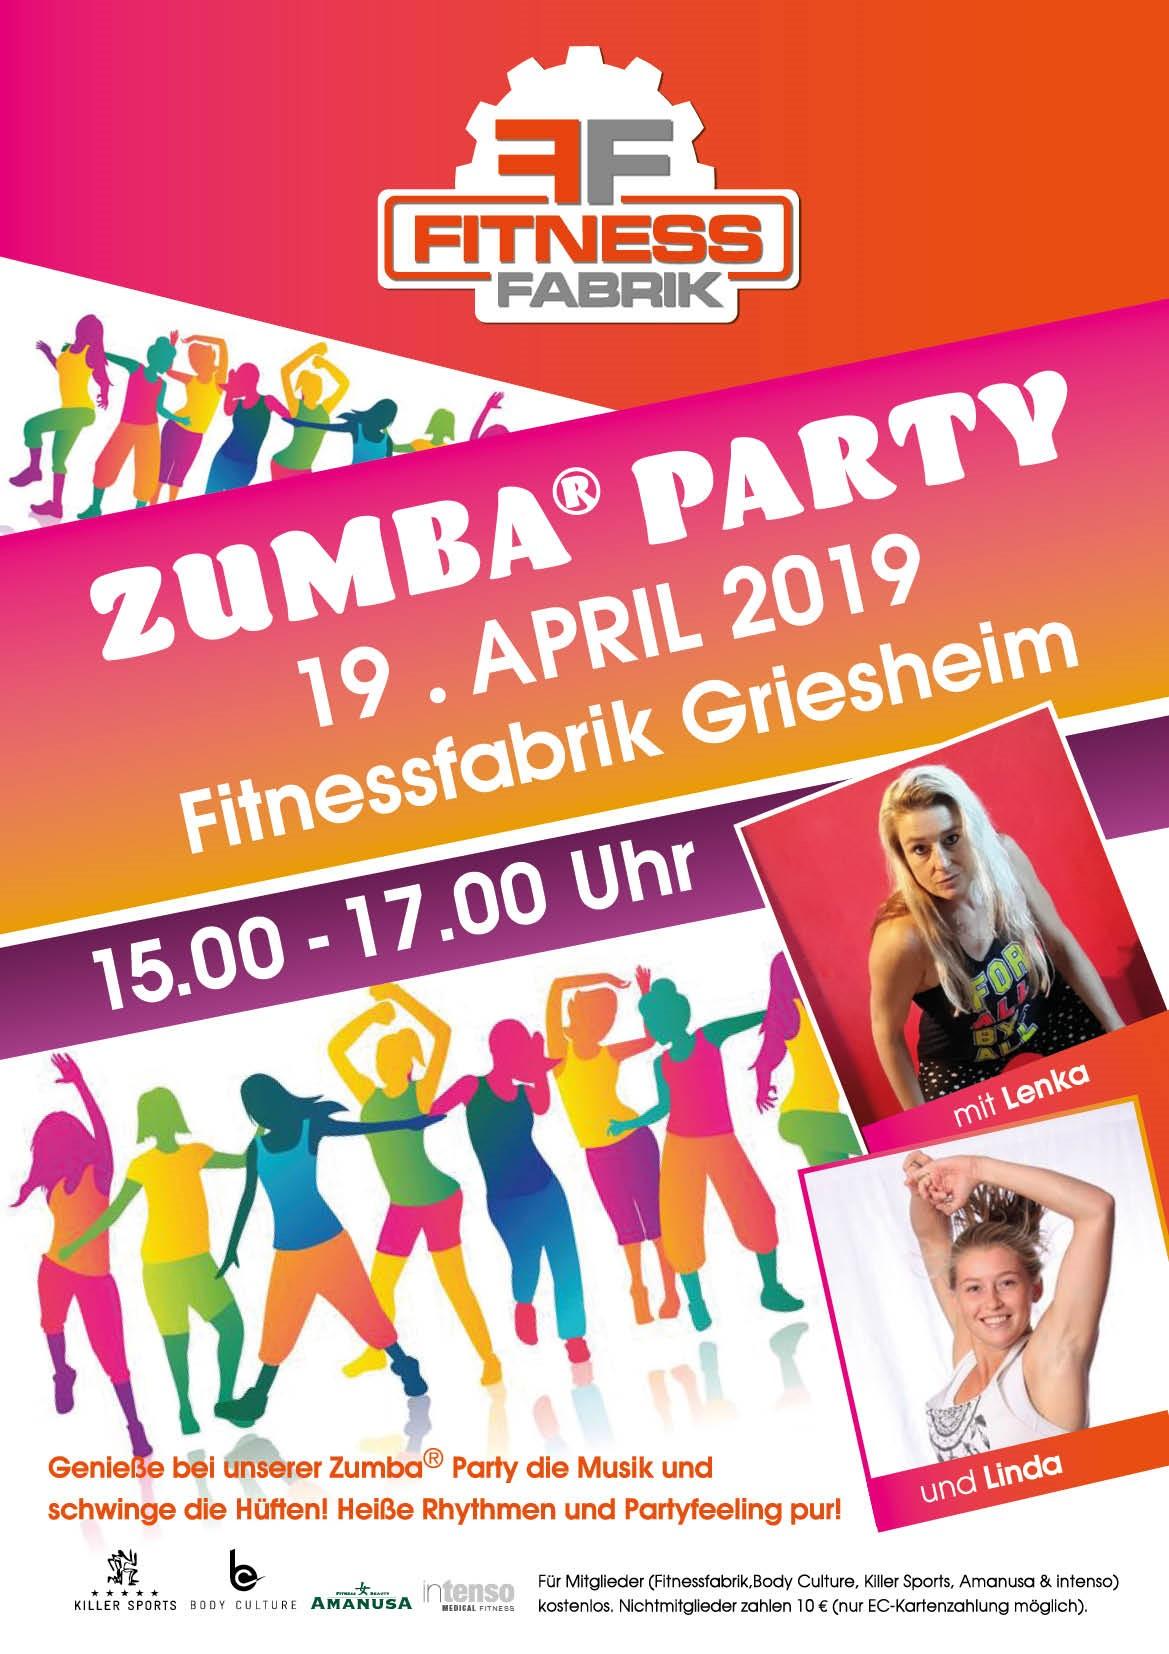 Zumba Party Darmstadt